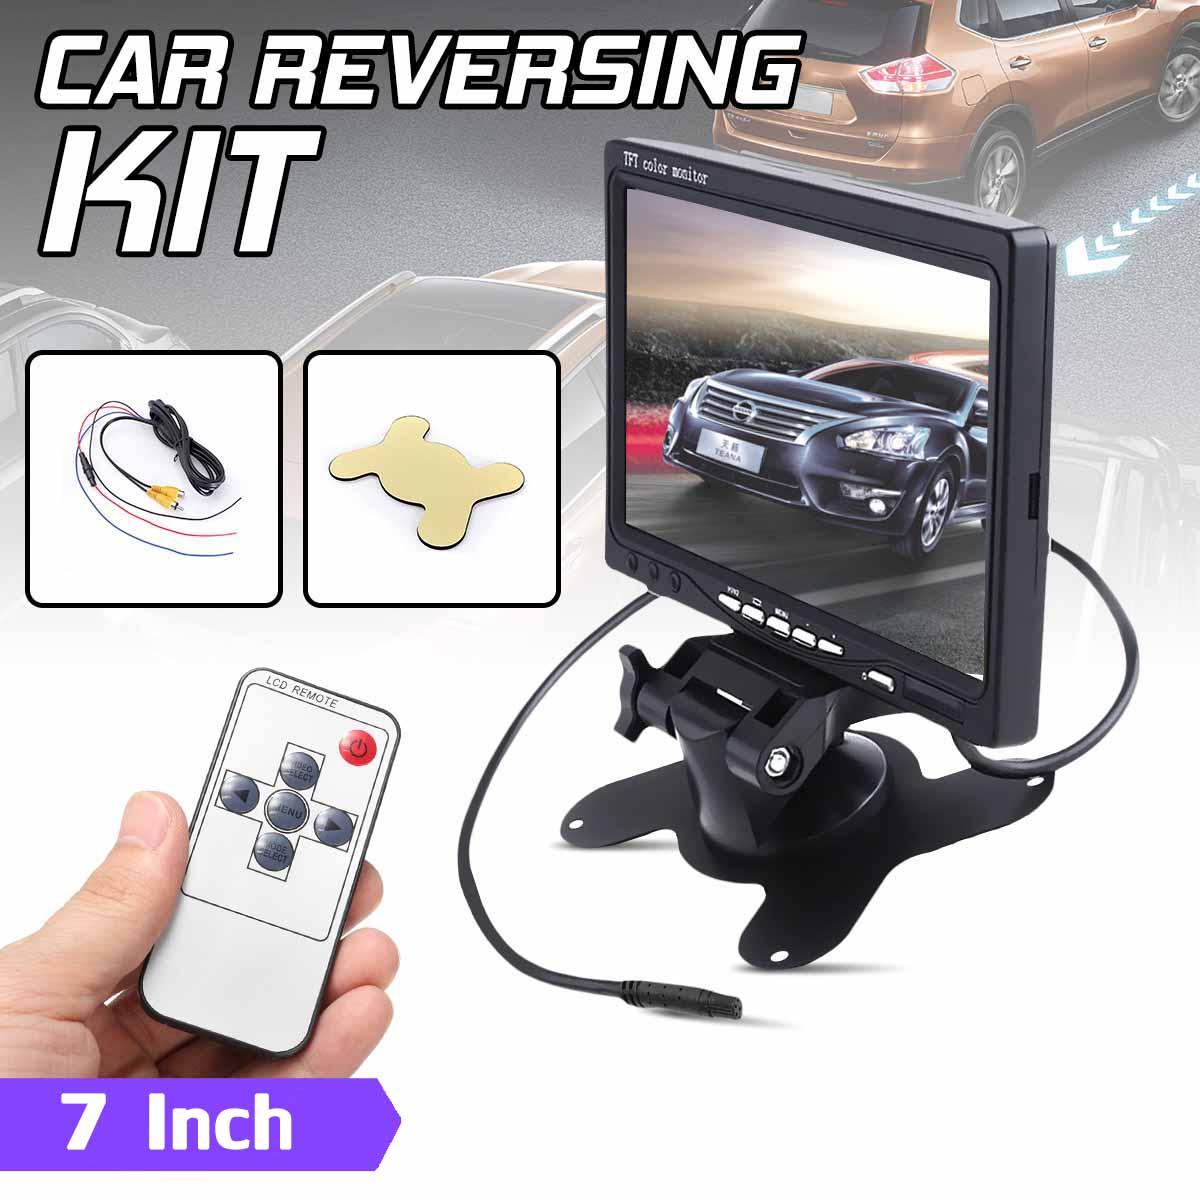 7 Cal 12V wyświetlacz TFT LCD ekran uniwersalny Monitor samochodowy ekran tylny pilot CCTV cofania kamera cofania